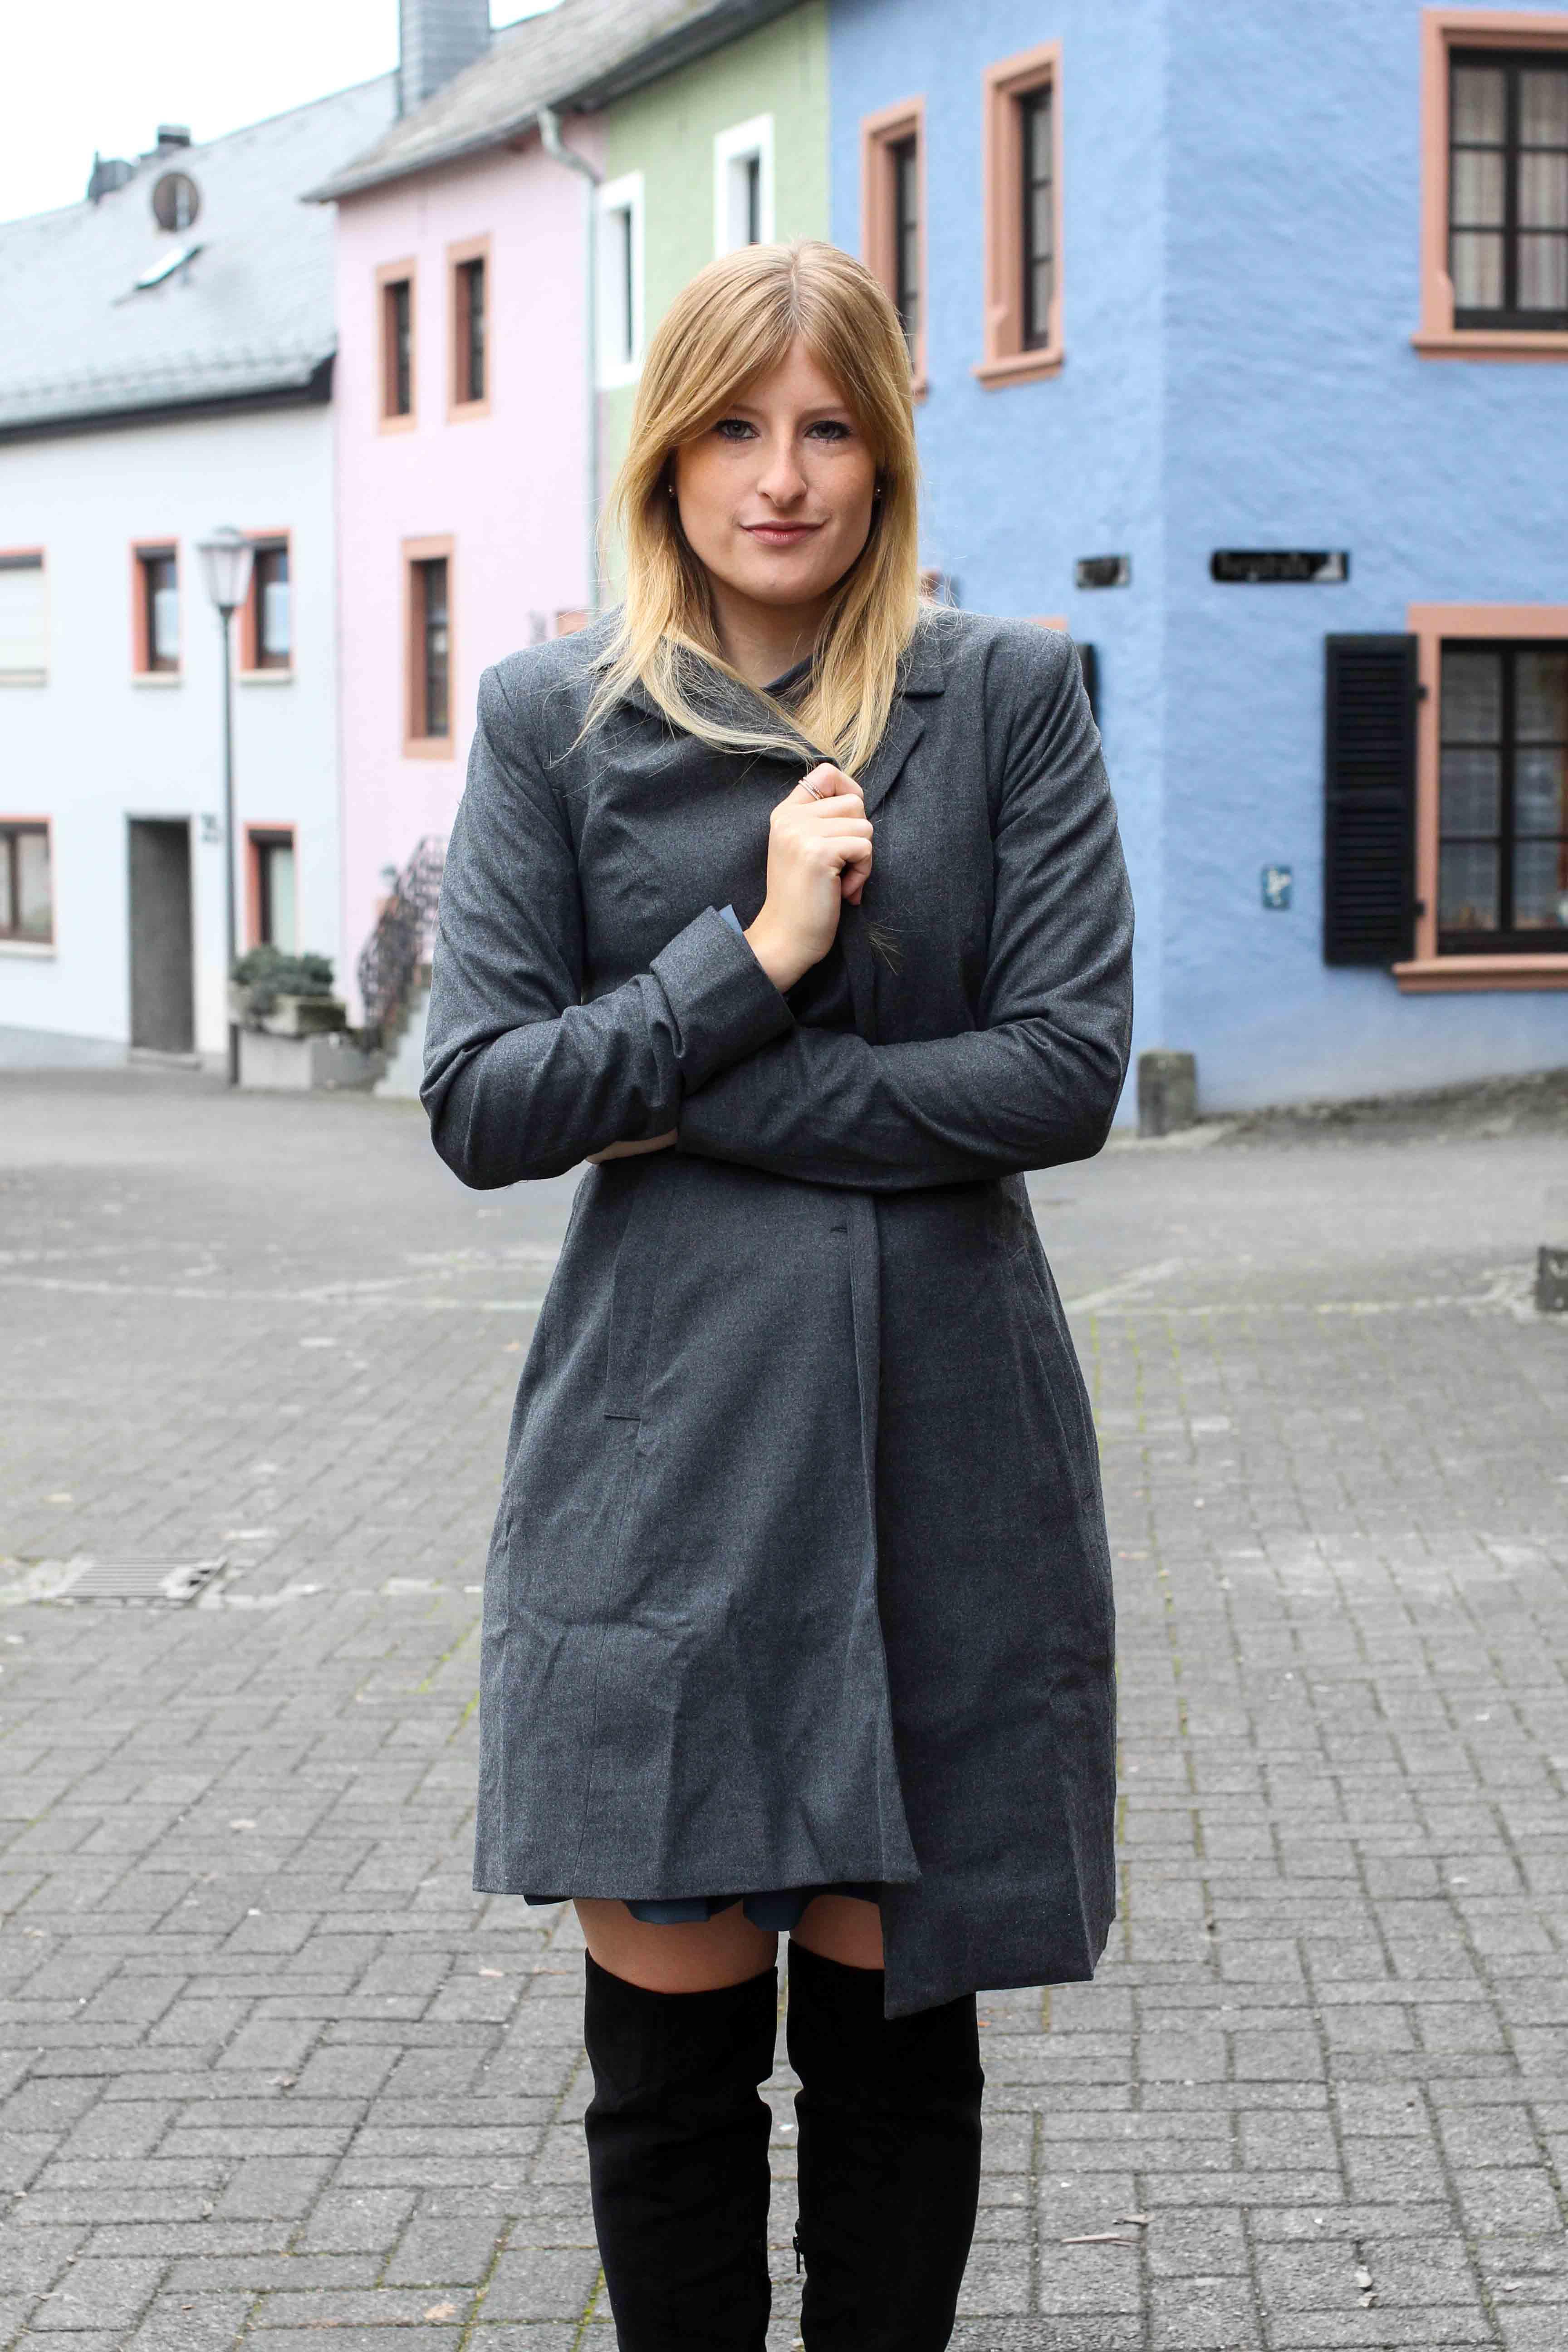 schwarze Overknees grauer Mantel Winter Outfit Modeblog BrinisFashionBook 8